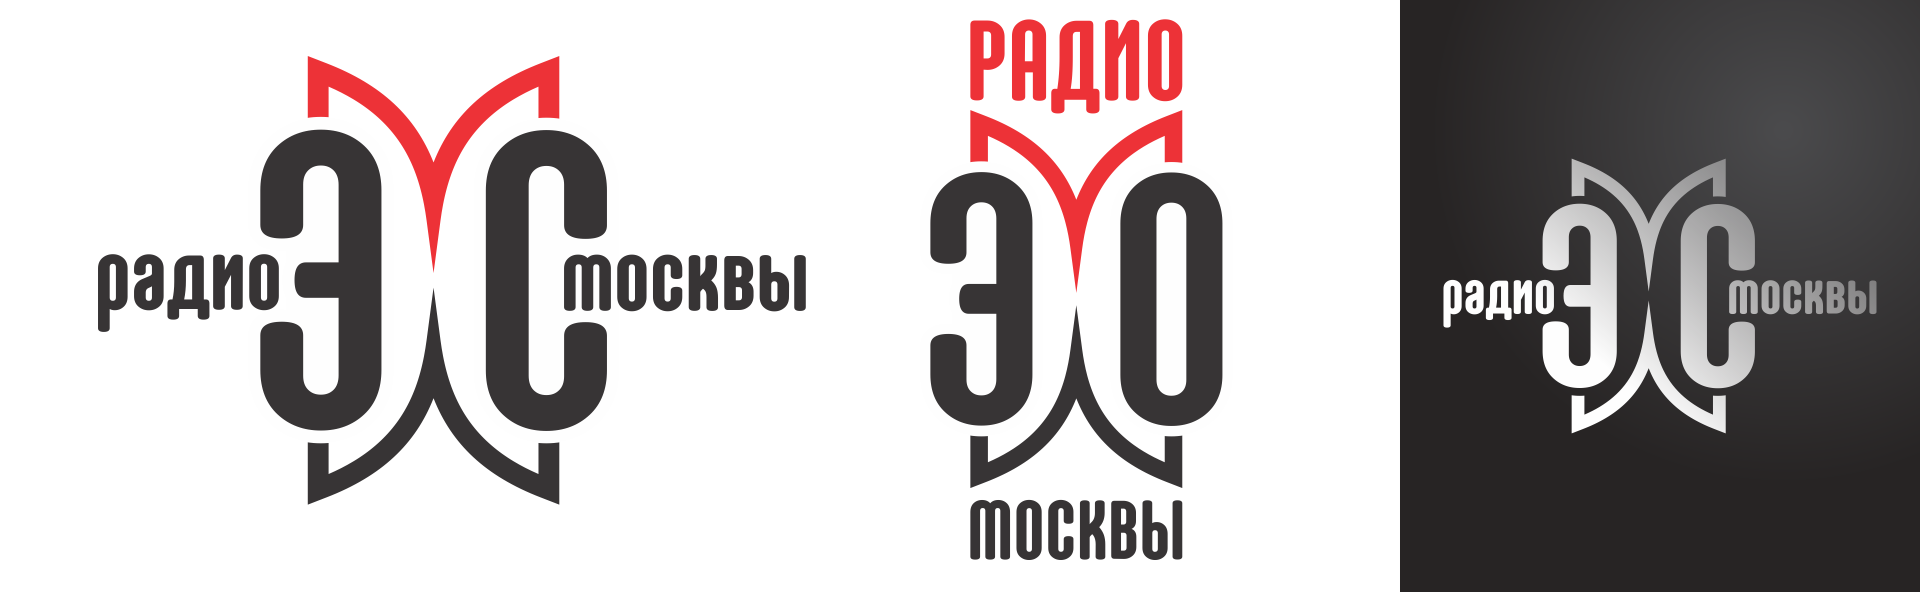 Дизайн логотипа р/с Эхо Москвы. фото f_7525624cf0d7f28f.png